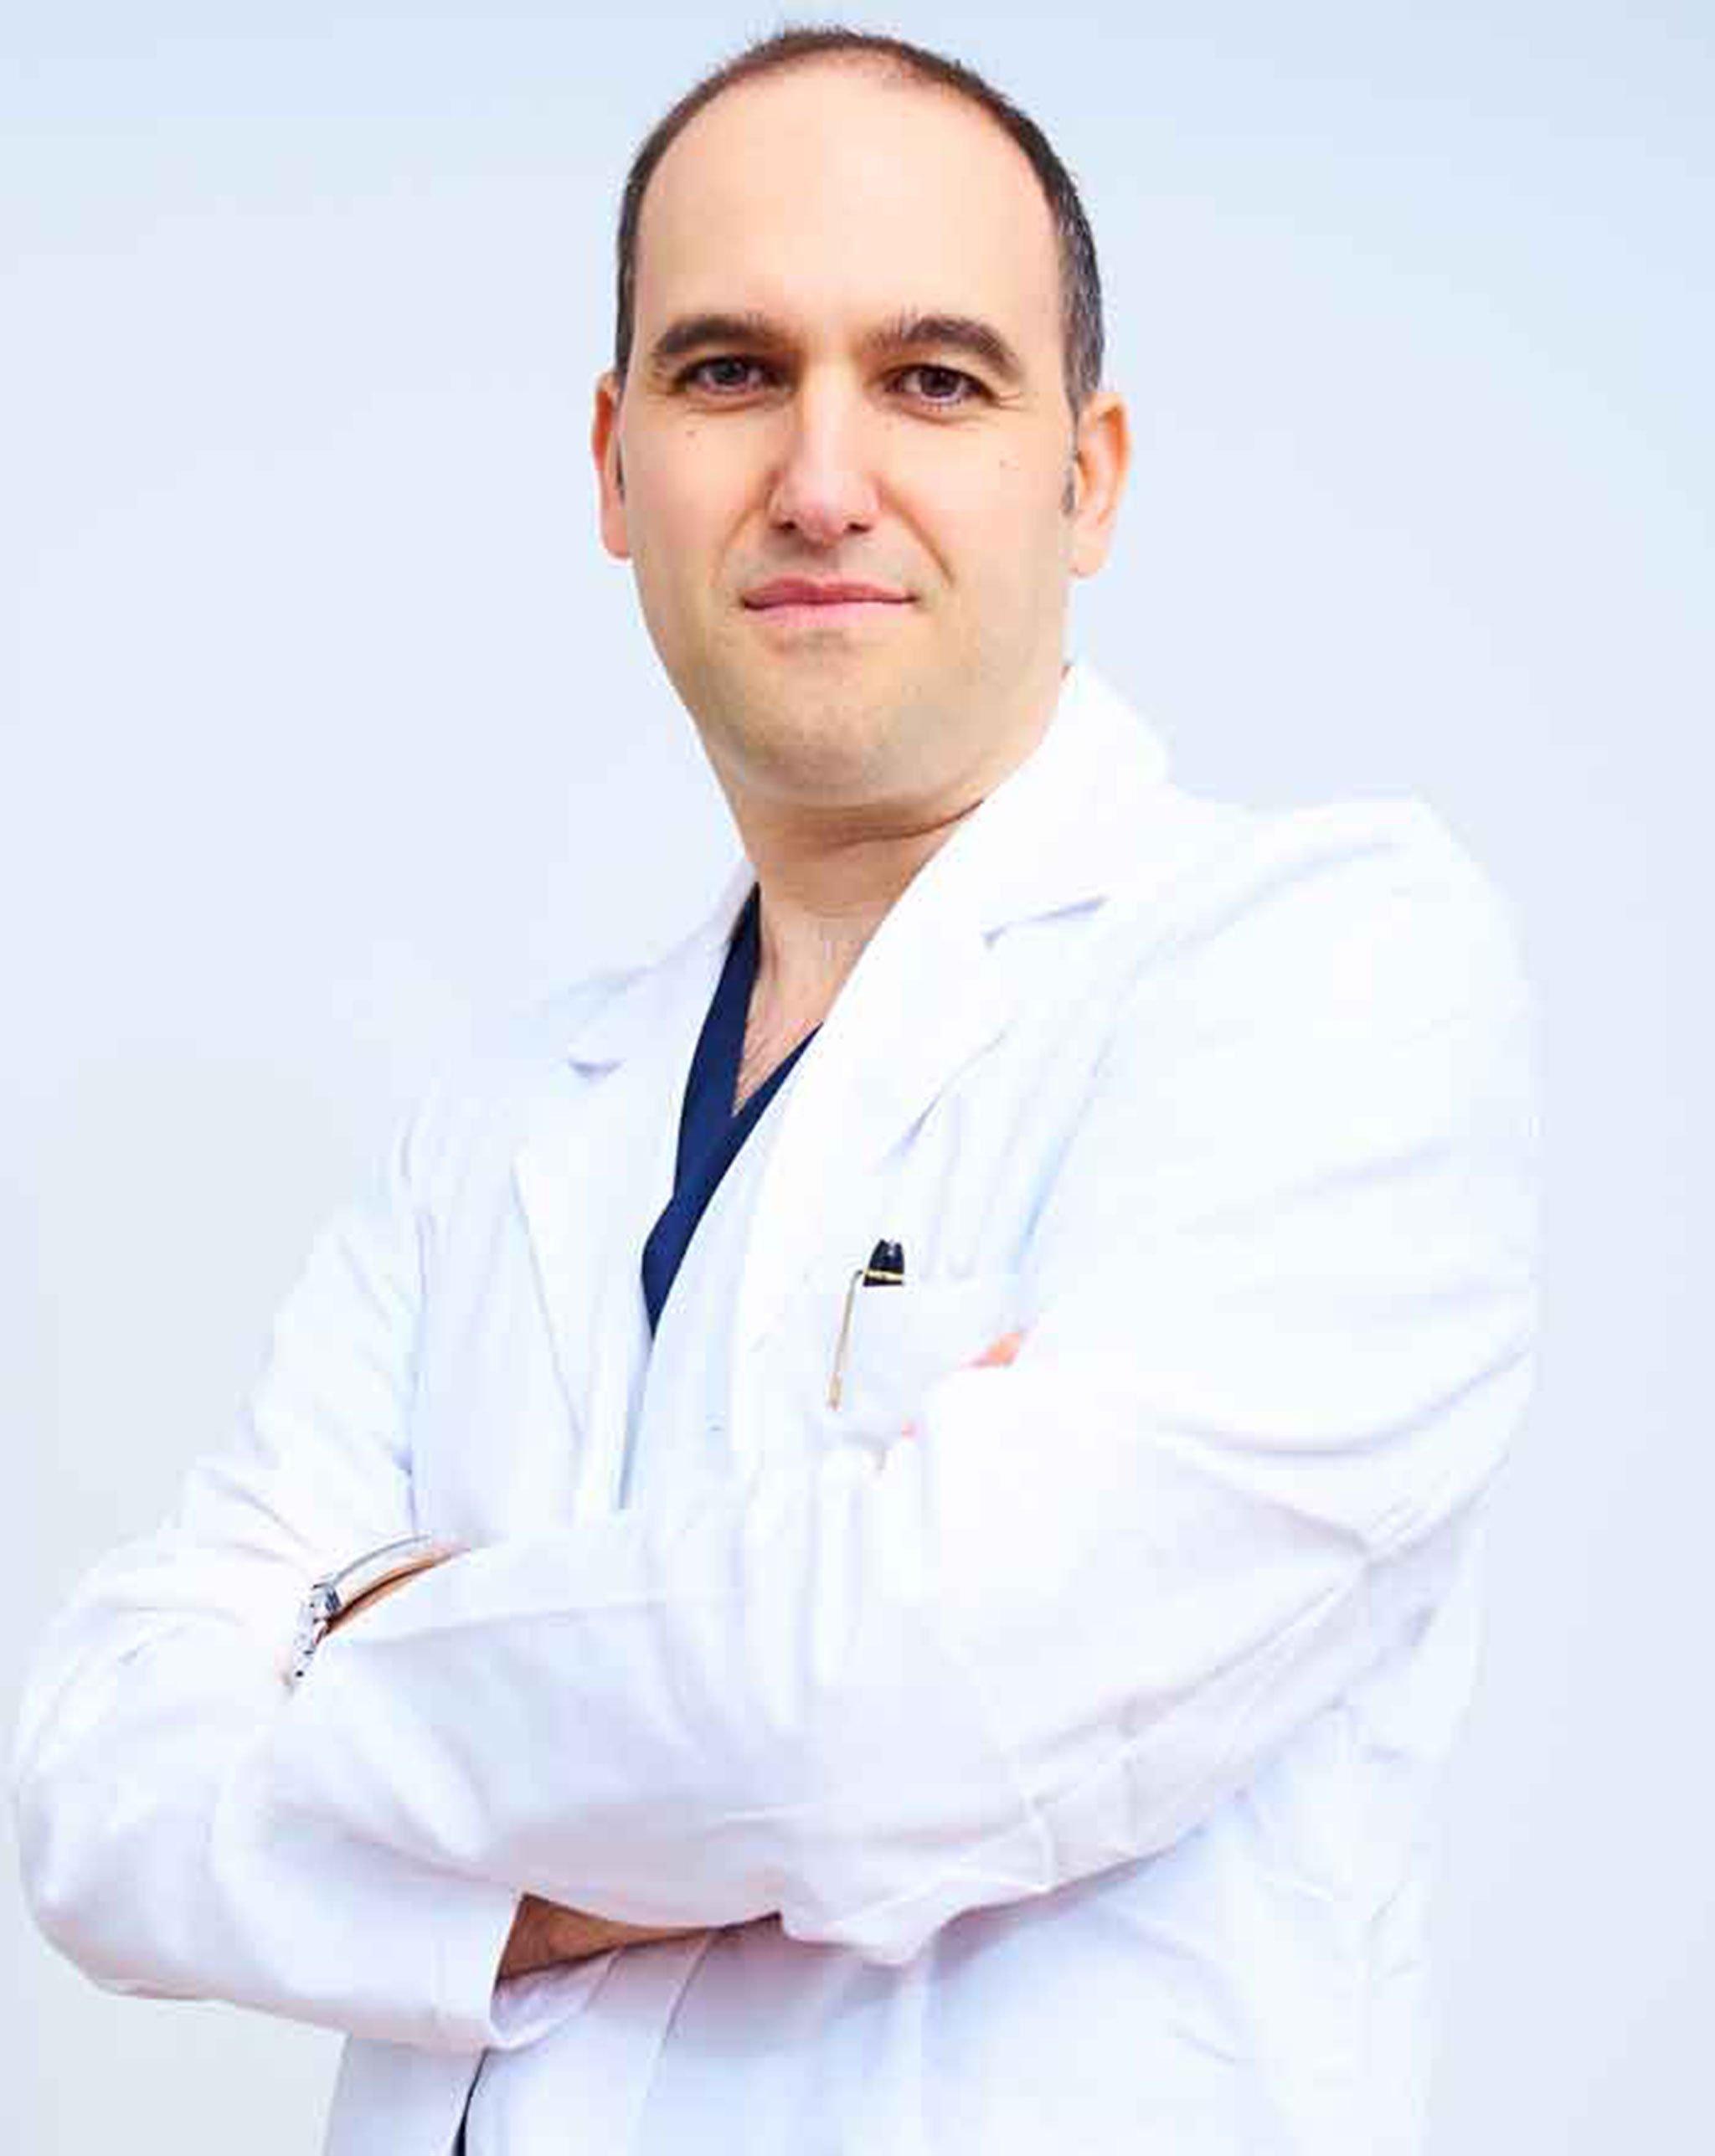 El doctor Pablo Martínez, especialista en traumatología, pasa consulta los jueves en Dra. Iris Alexandra Henkel